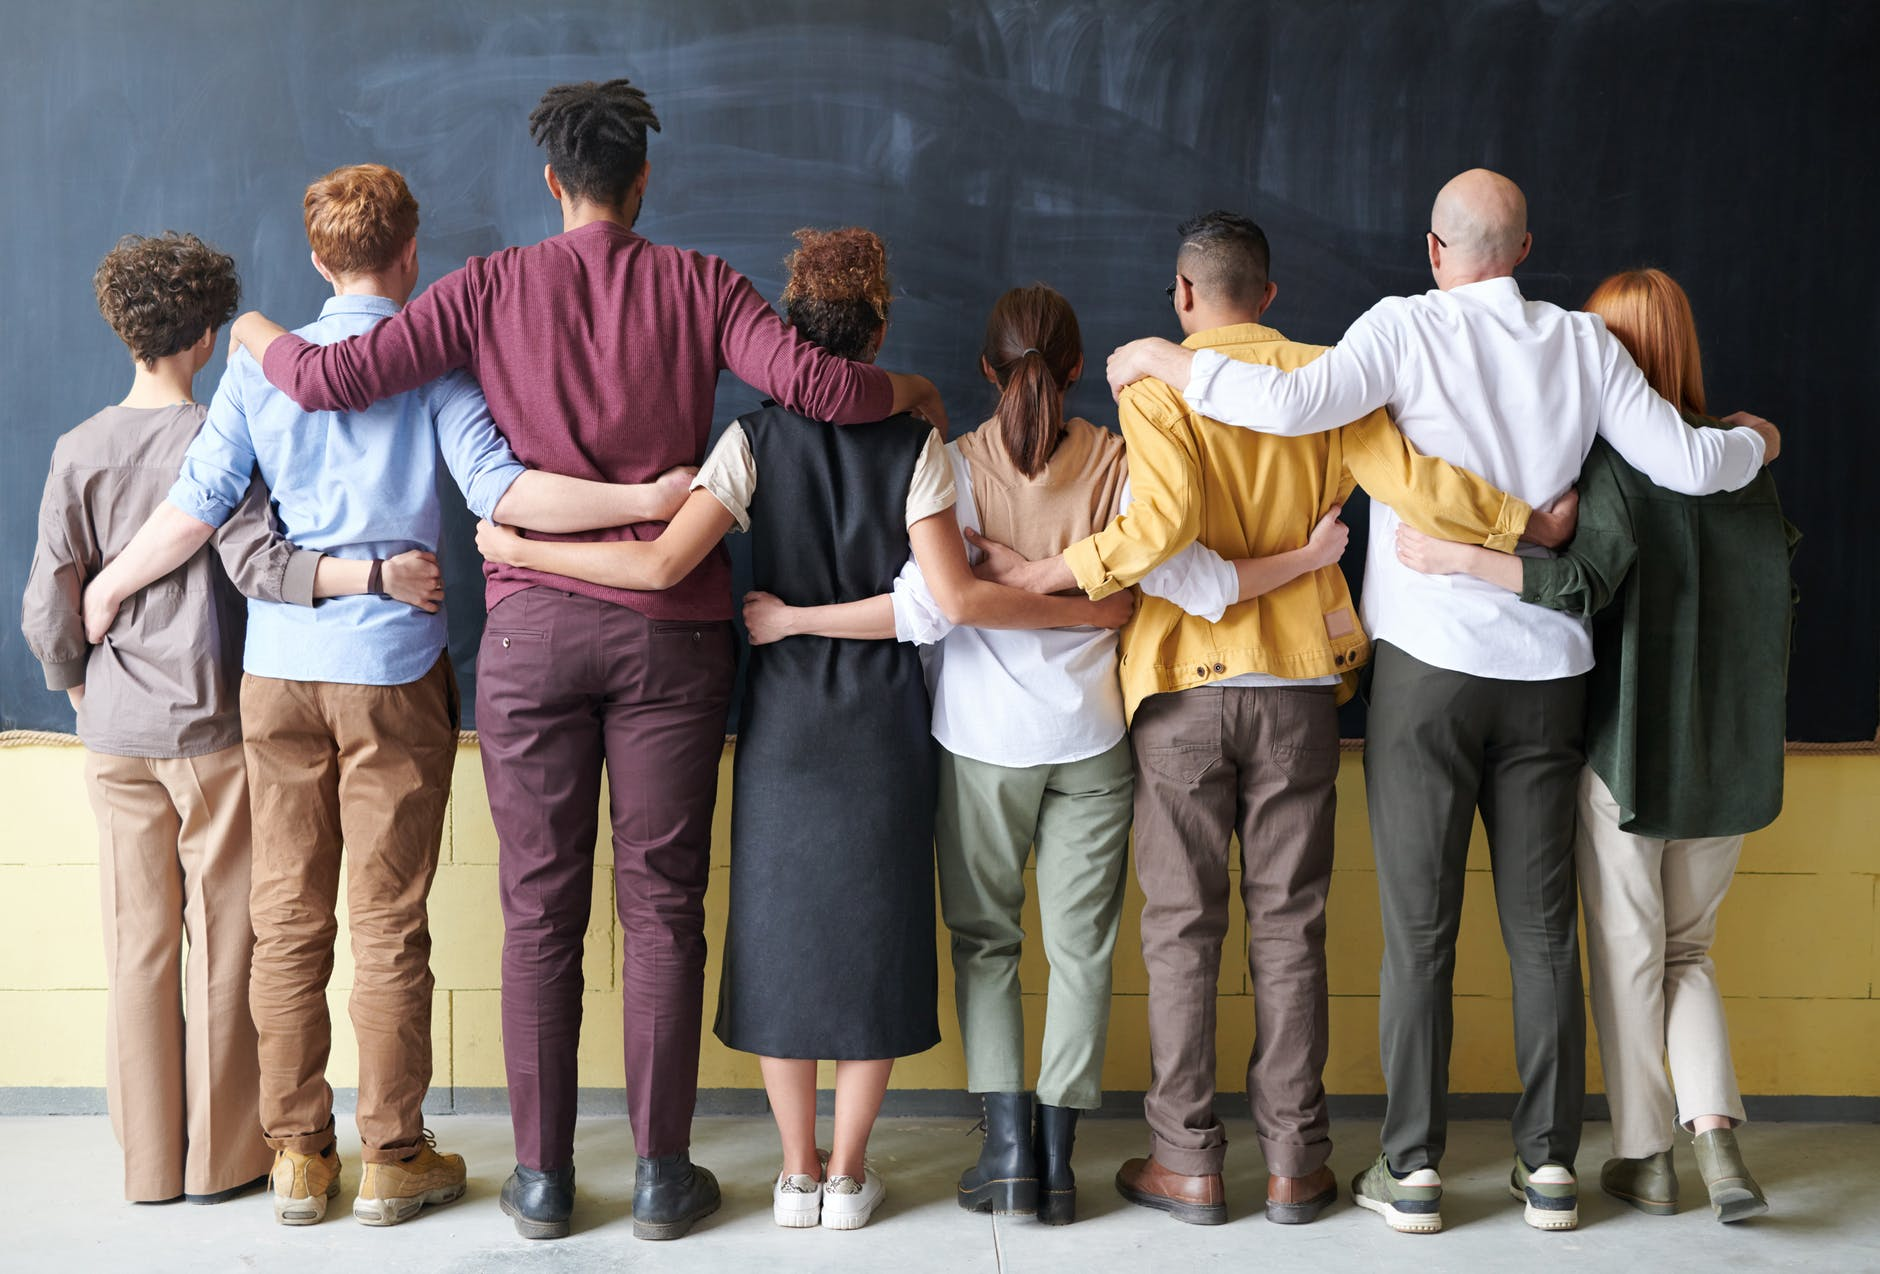 8 hombres y mujeres de diferentes edades, estaturas y complexiones físicas se abrazan representando la diversidad